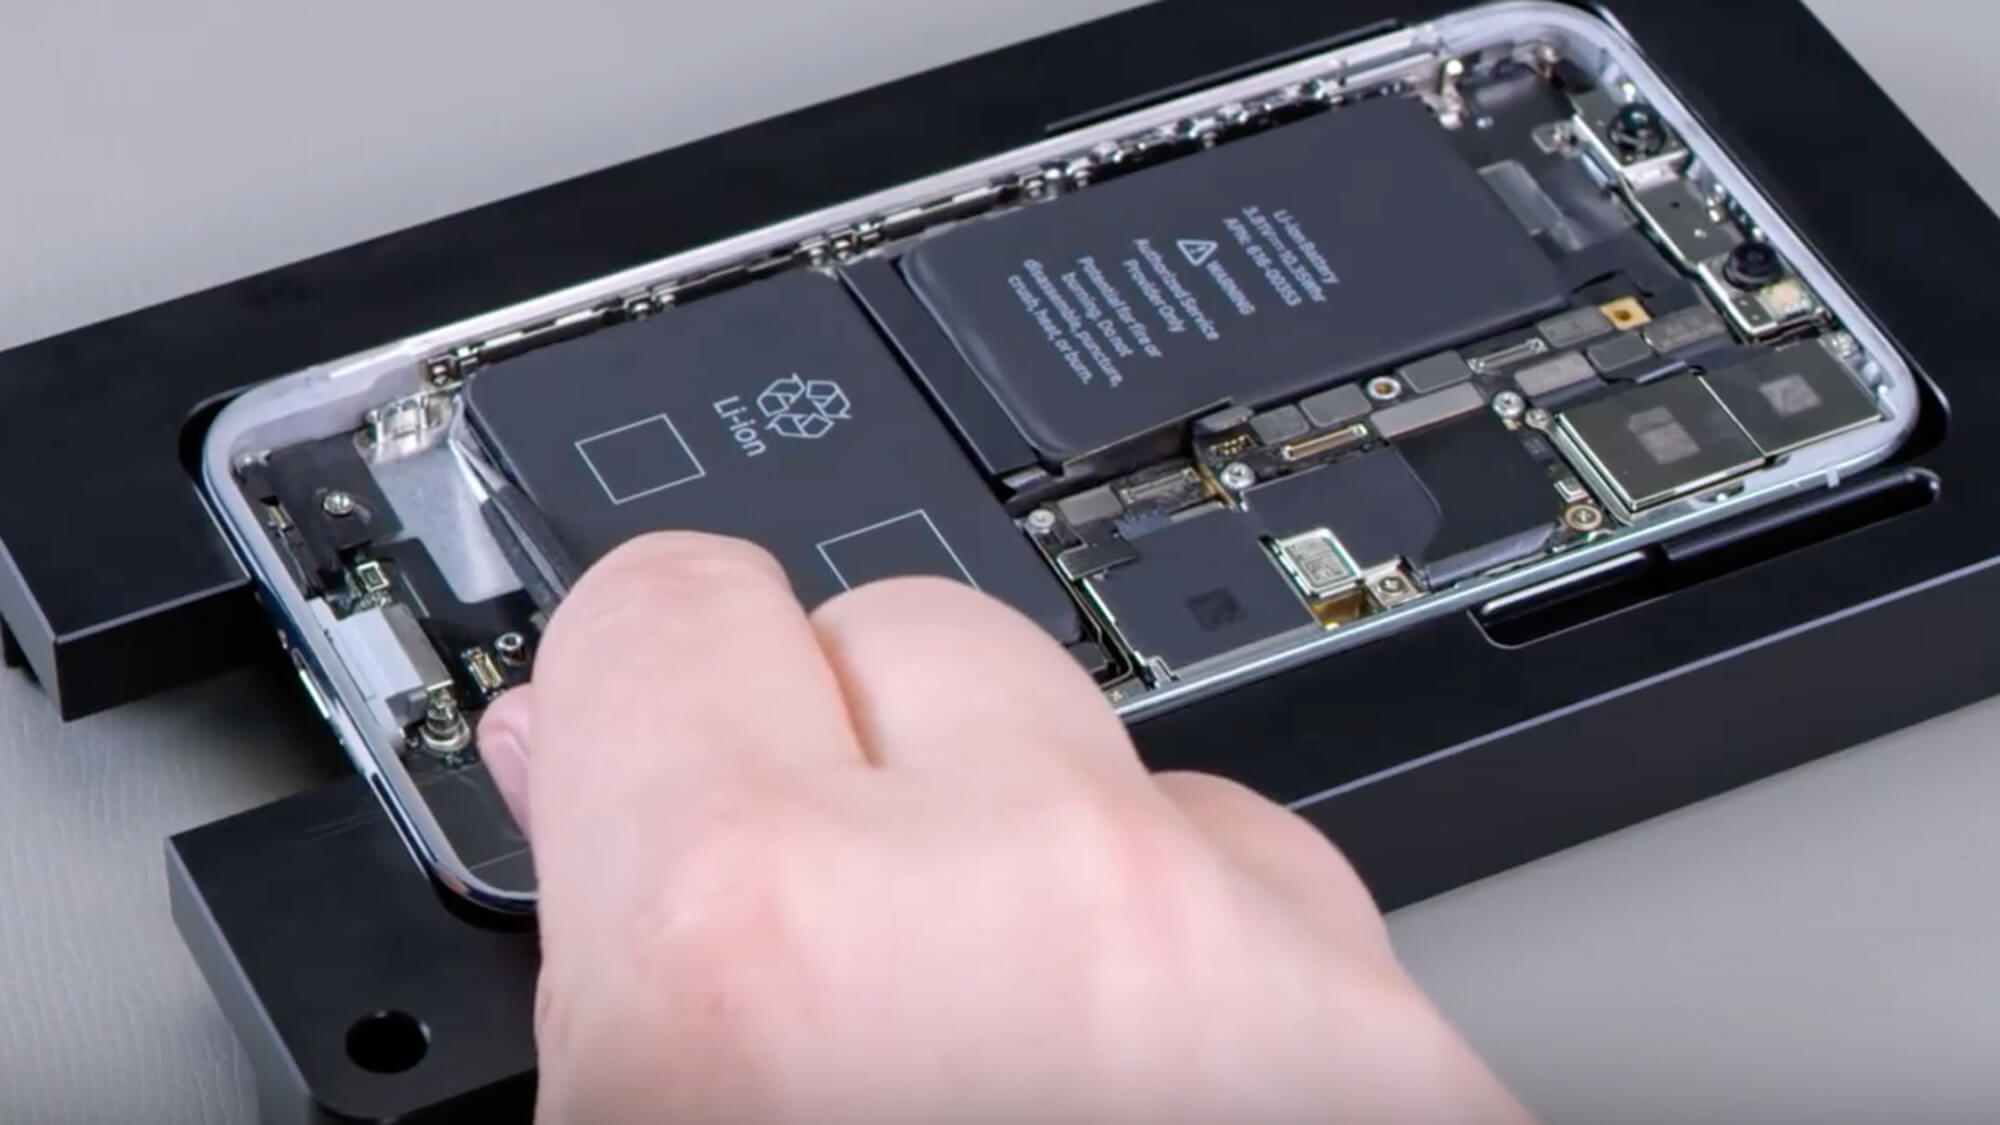 Мир, труд, май! Щедрые скидки на ремонт техники Apple в праздничные дни